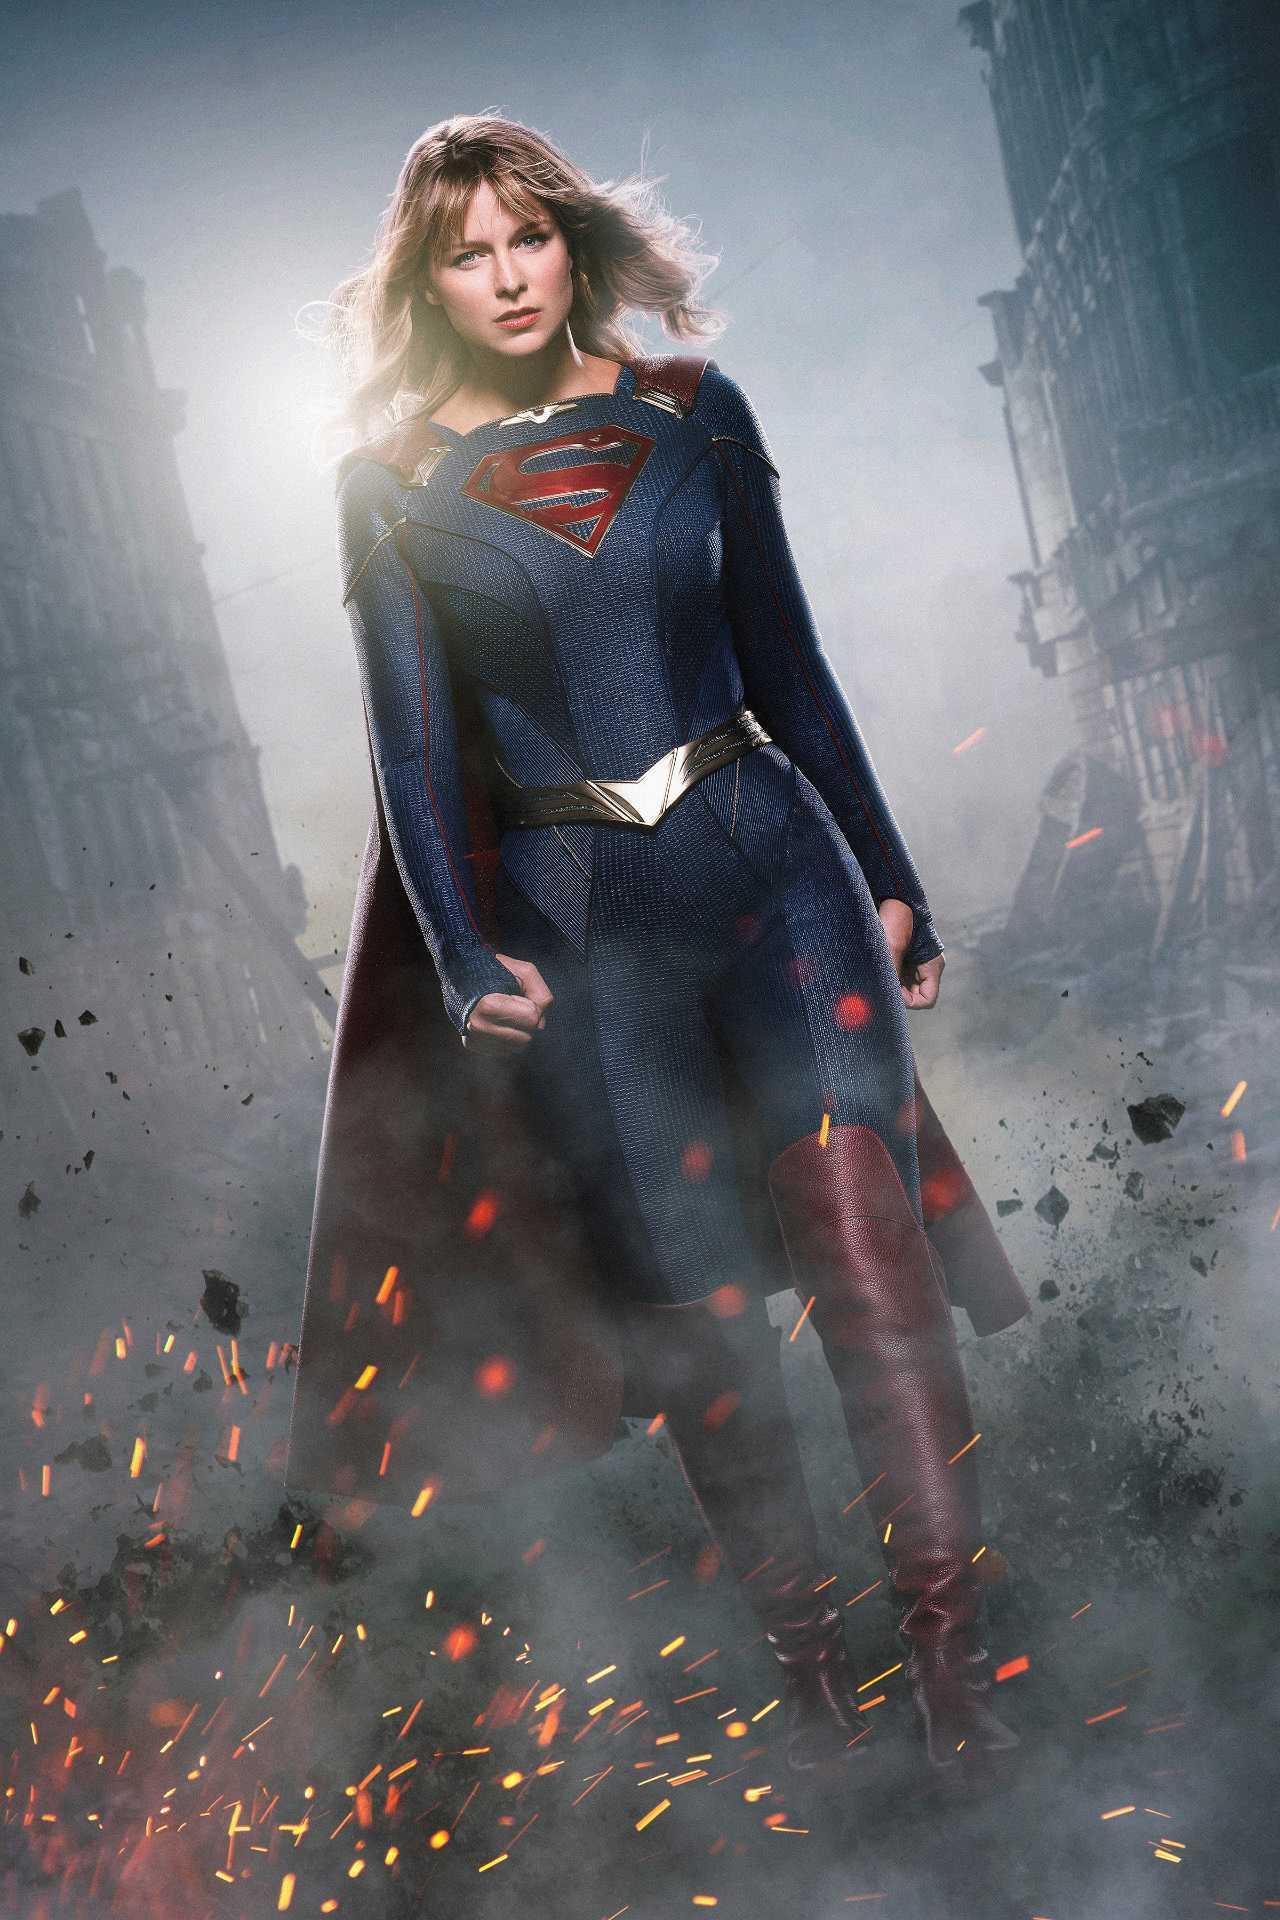 SUPERGIRL New Supersuit